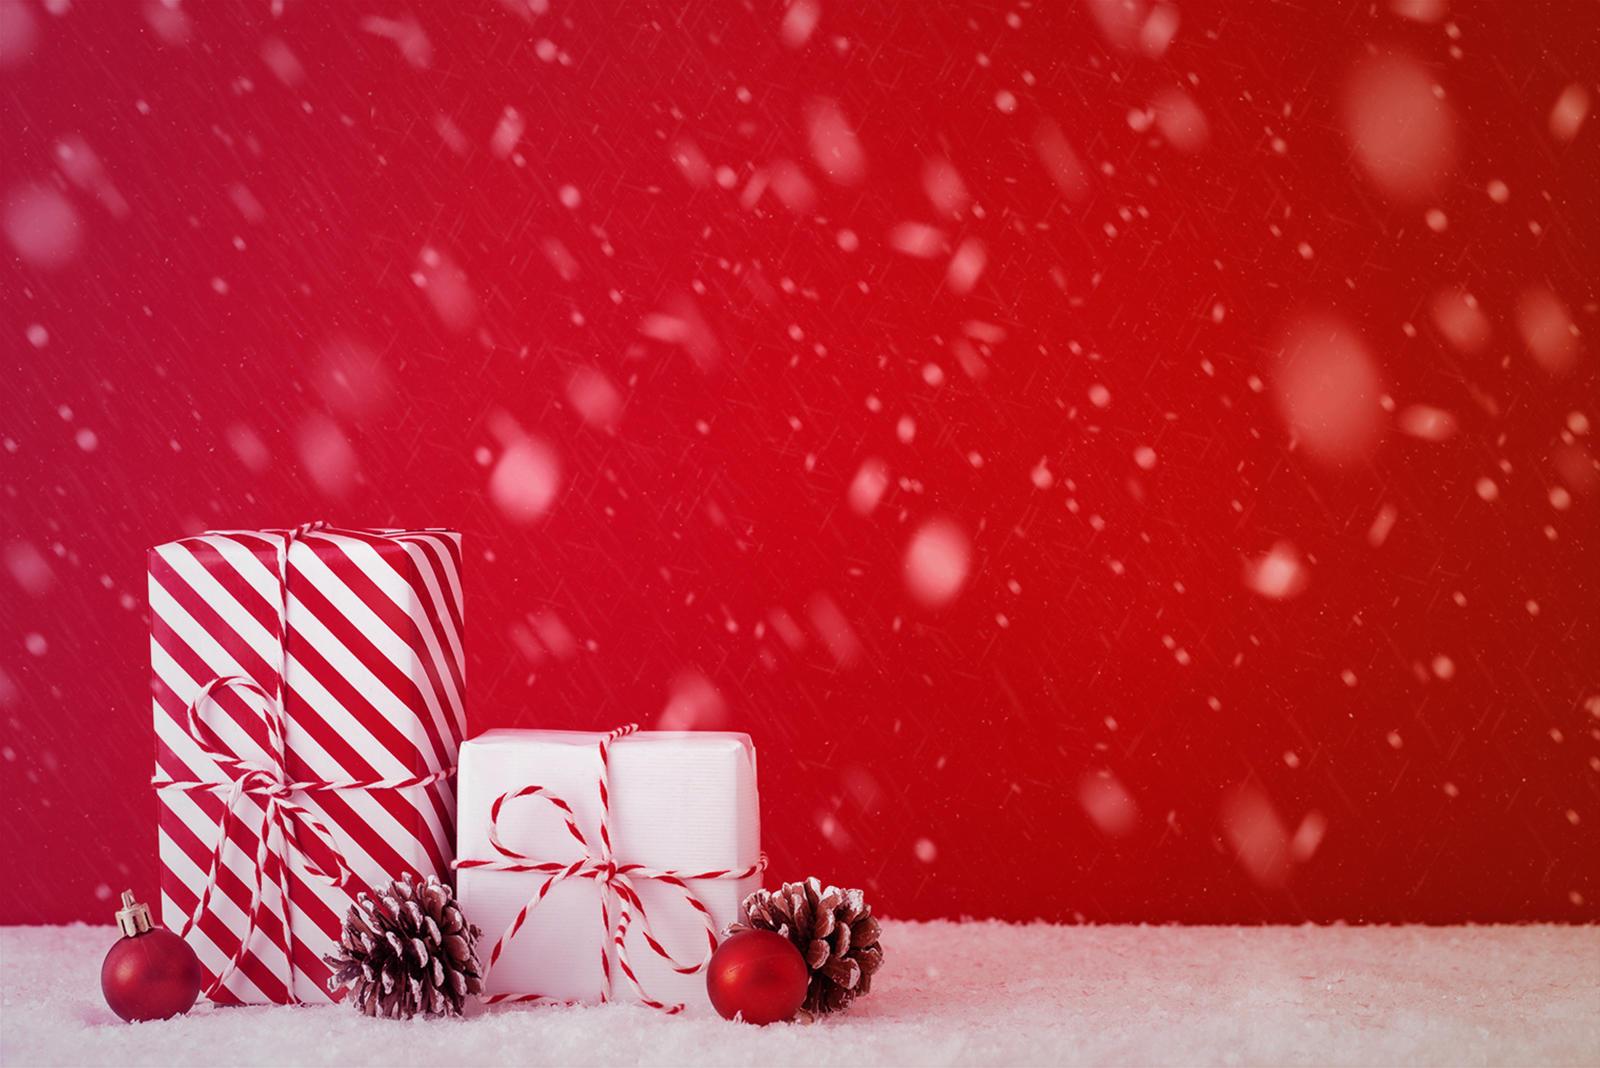 Новогодний фон с подарками и украшениями.